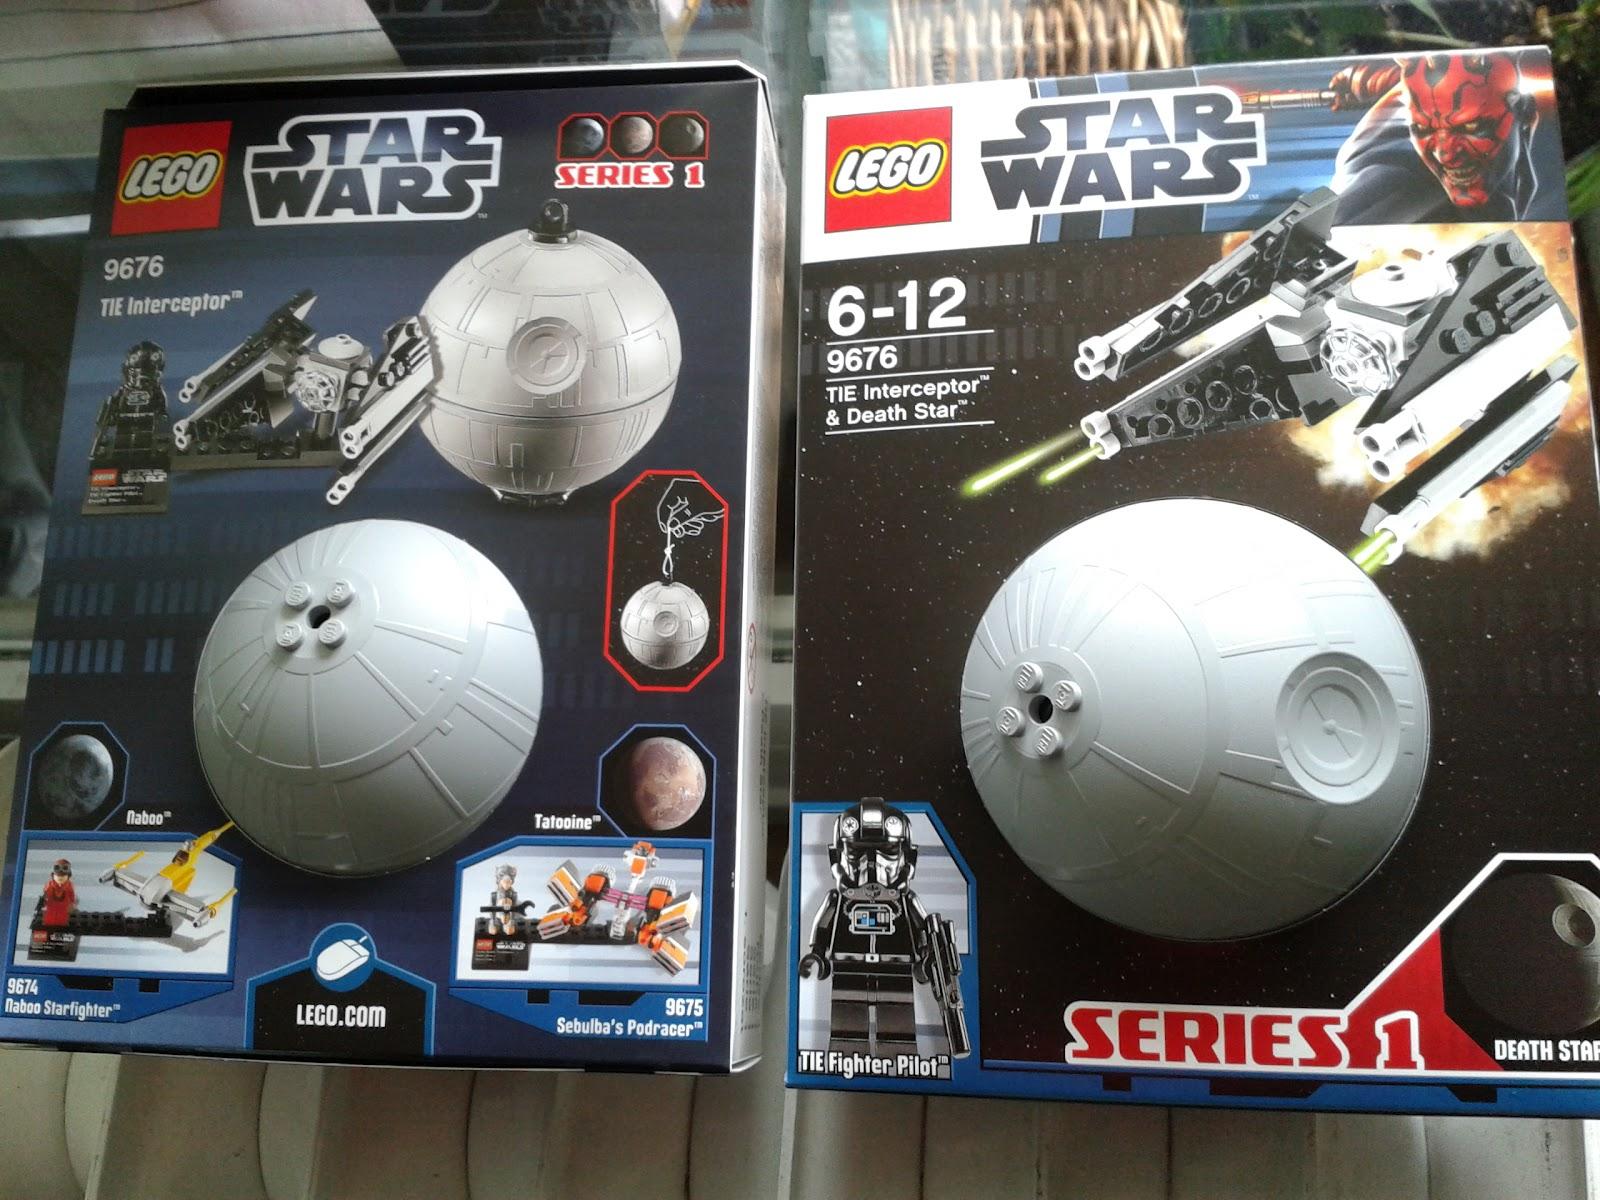 toywalker 39 s blog star wars planets death star lego 2012. Black Bedroom Furniture Sets. Home Design Ideas